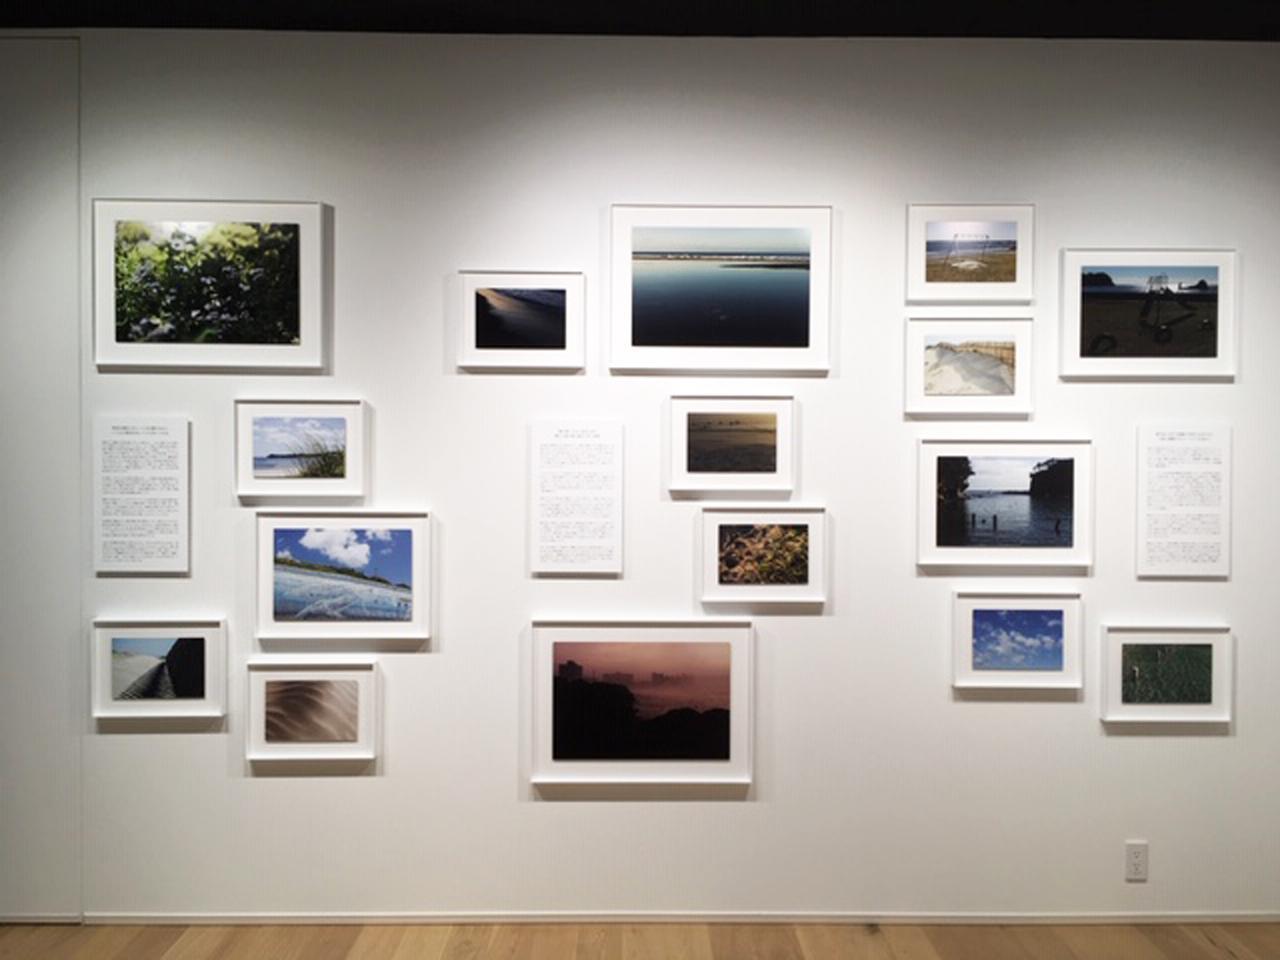 画像: 岡嶋和幸写真展『海のほとり』。島国日本、海は私たちのごく身近に存在します。そして、私たちの暮らしと切り離せない存在でもあります。